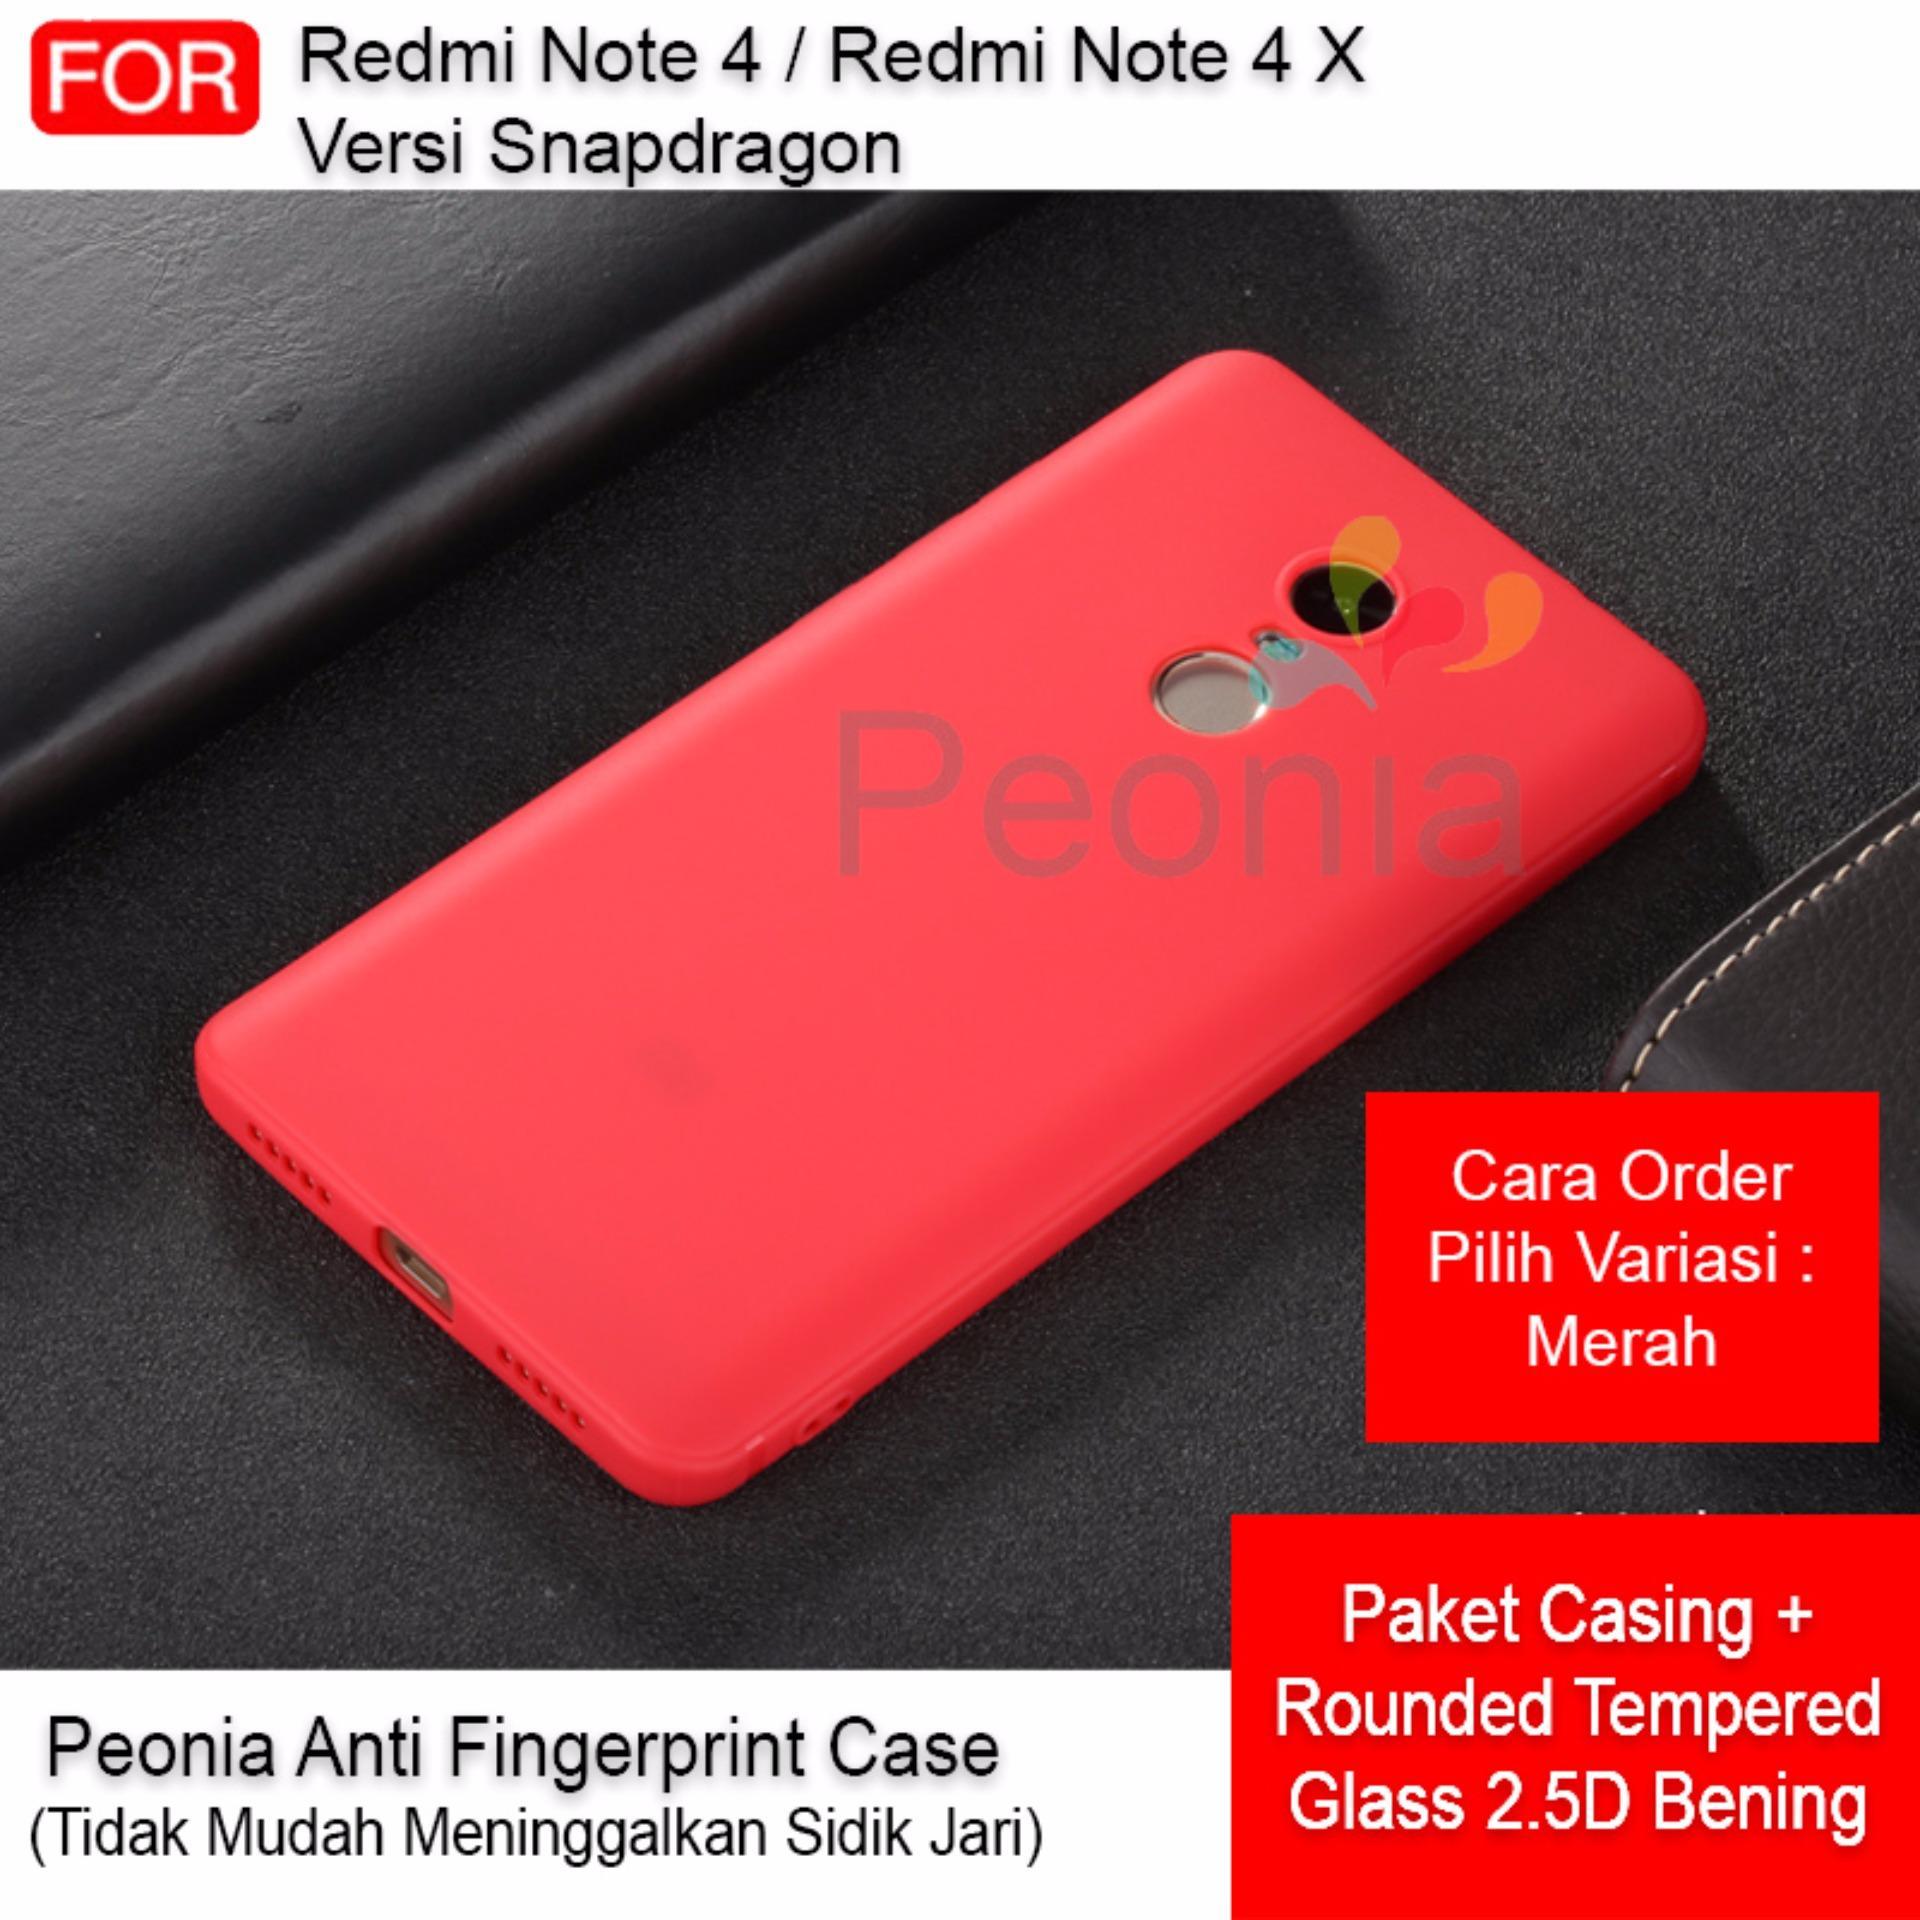 Discount Peonia Anti Fingerprint Premium Quality Grade A Ultraslim Hybrid Case for Xiaomi Redmi Note